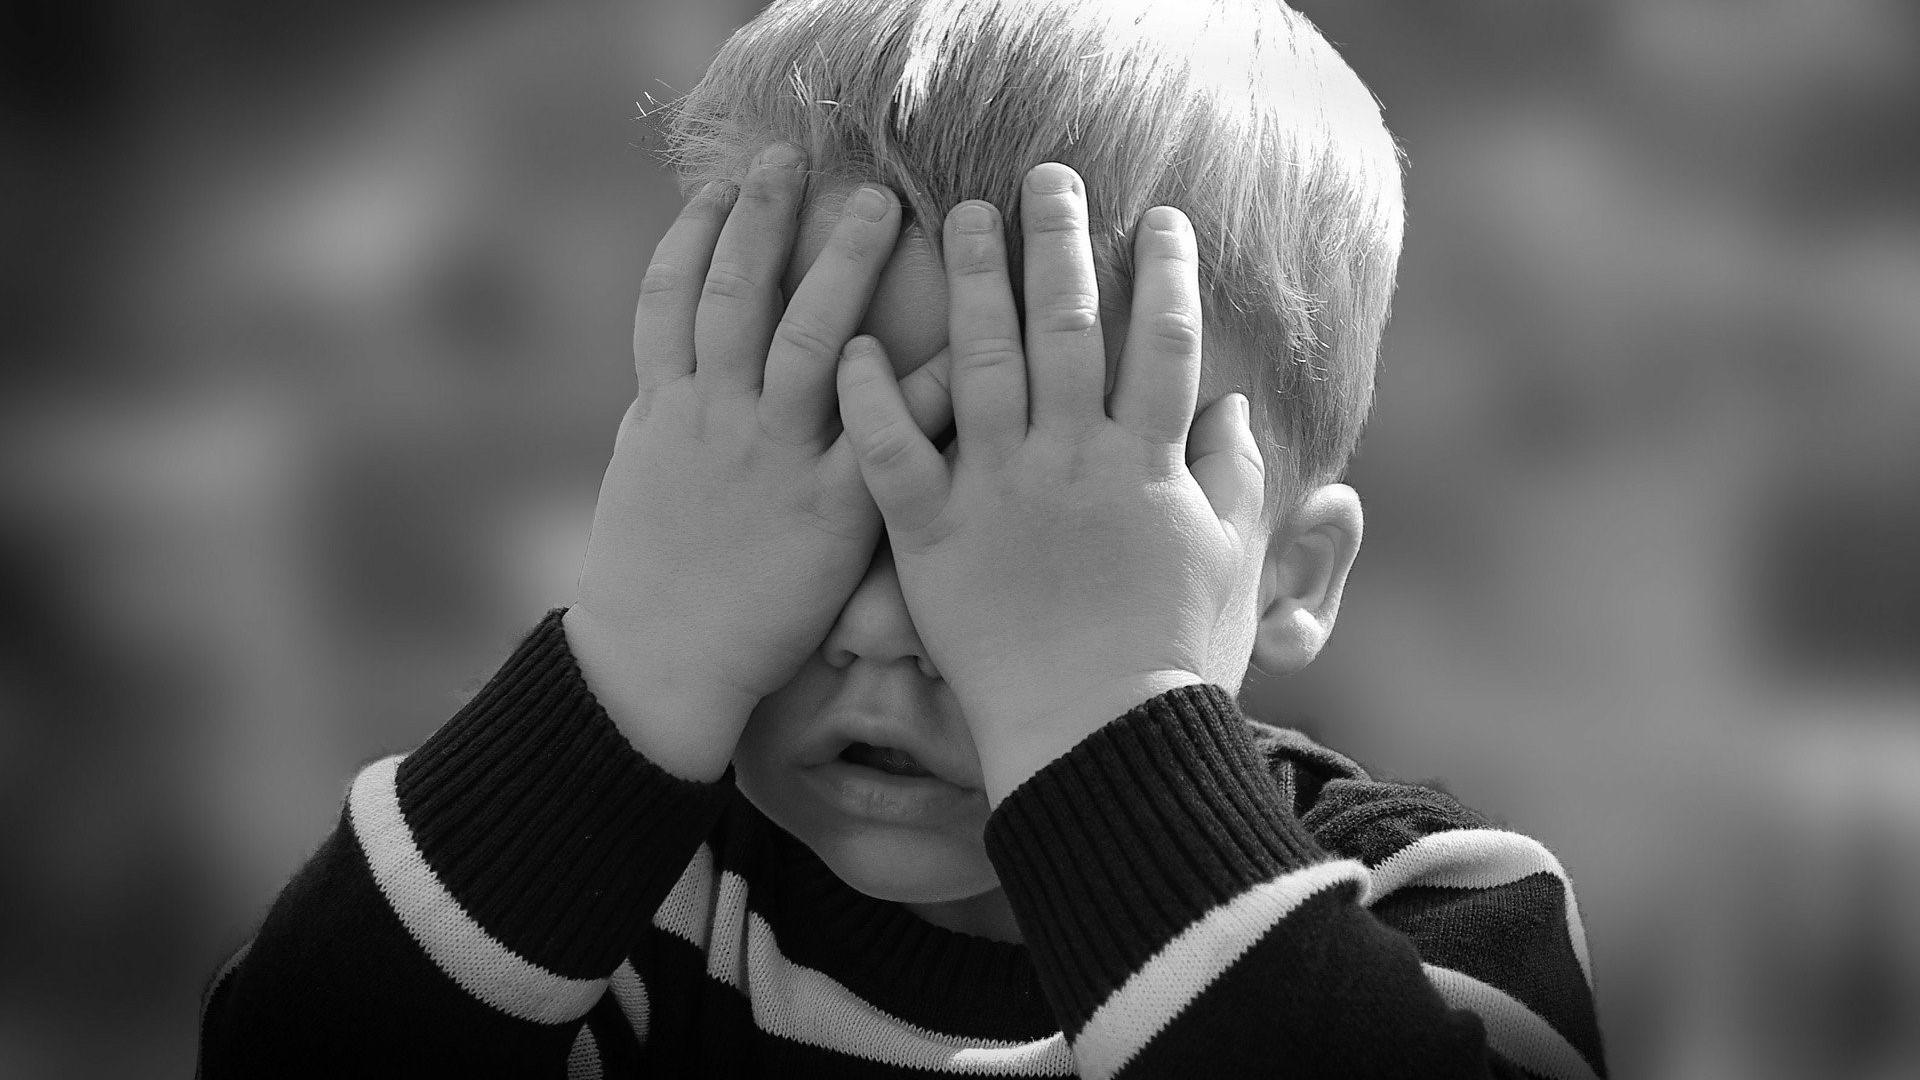 Kind schlägt sich selbst und tut sich weh - das können Sie tun.